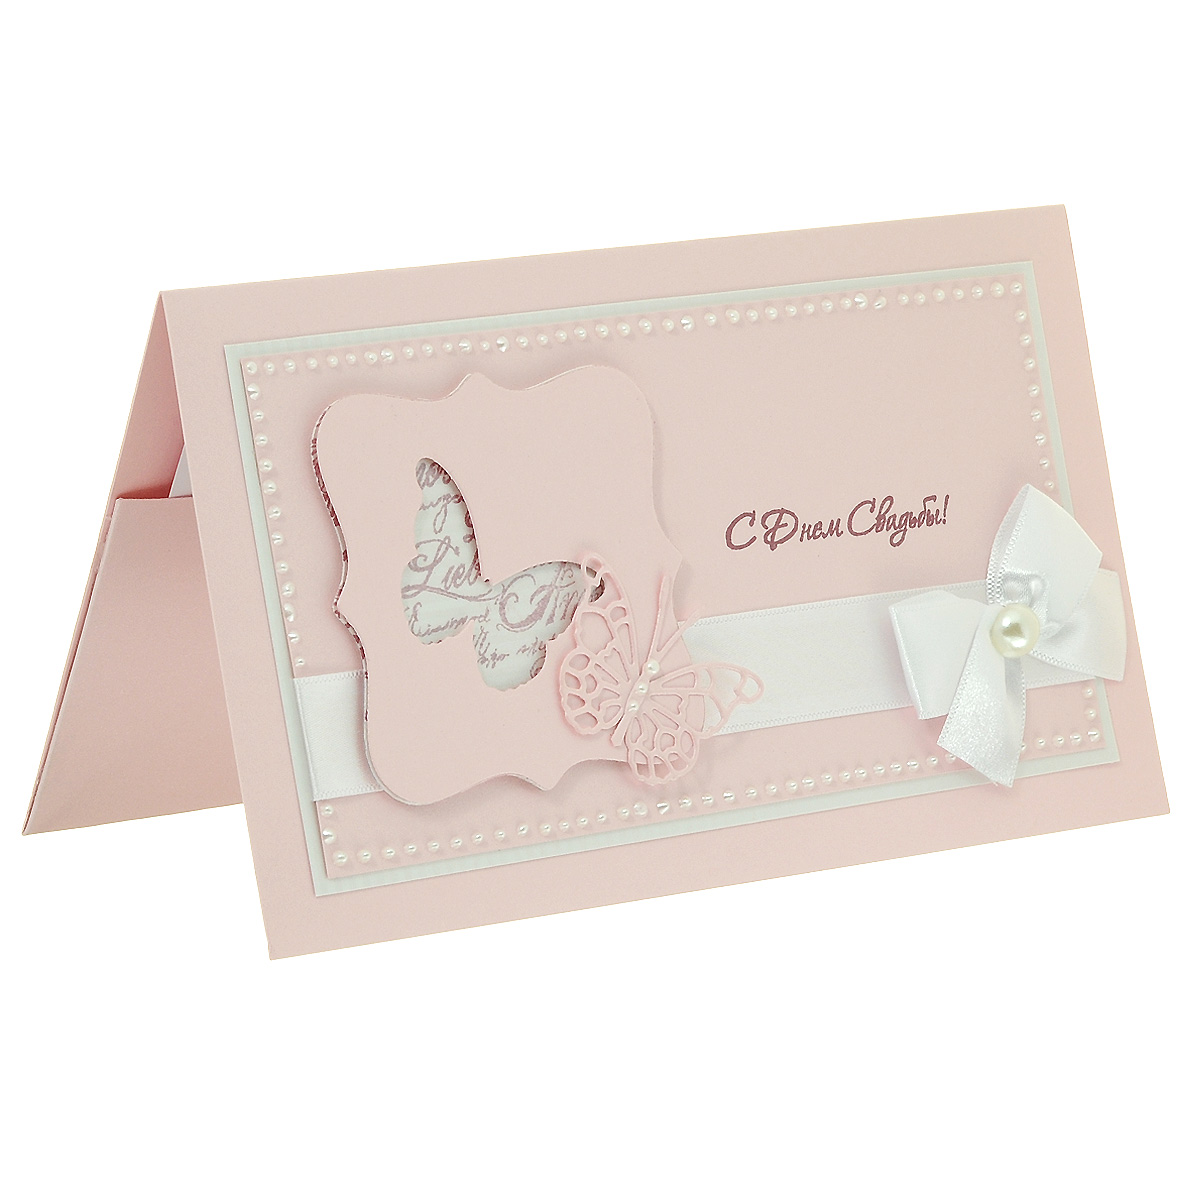 ОСВ-0005 Открытка-конверт «С Днём Свадьбы!». Студия «Тётя Роза»94995Характеристики: Размер 19 см x 11 см.Материал: Высоко-художественный картон, бумага, декор. Данная открытка может стать как прекрасным дополнением к вашему подарку, так и самостоятельным подарком. Так как открытка является и конвертом, в который вы можете вложить ваш денежный подарок или просто написать ваши пожелания на вкладыше. Очень нежное поздравление выполнено в чистых розовых тонах. Многослойность решения фасадной части эффектно подчеркнуто цепочкой жемчужных полубусинок по краю. Ажурная бабочка нежно смотрится на открытке. Декорирована открытка белой атласной лентой с бантиком и жемчужинкой. Также открытка упакована в пакетик для сохранности.Обращаем Ваше внимание на то, что открытка может незначительно отличаться от представленной на фото.Открытки ручной работы от студии Тётя Роза отличаются своим неповторимым и ярким стилем. Каждая уникальна и выполнена вручную мастерами студии. (Открытка для мужчин, открытка для женщины, открытка на день рождения, открытка с днем свадьбы, открытка винтаж, открытка с юбилеем, открытка на все случаи, скрапбукинг)